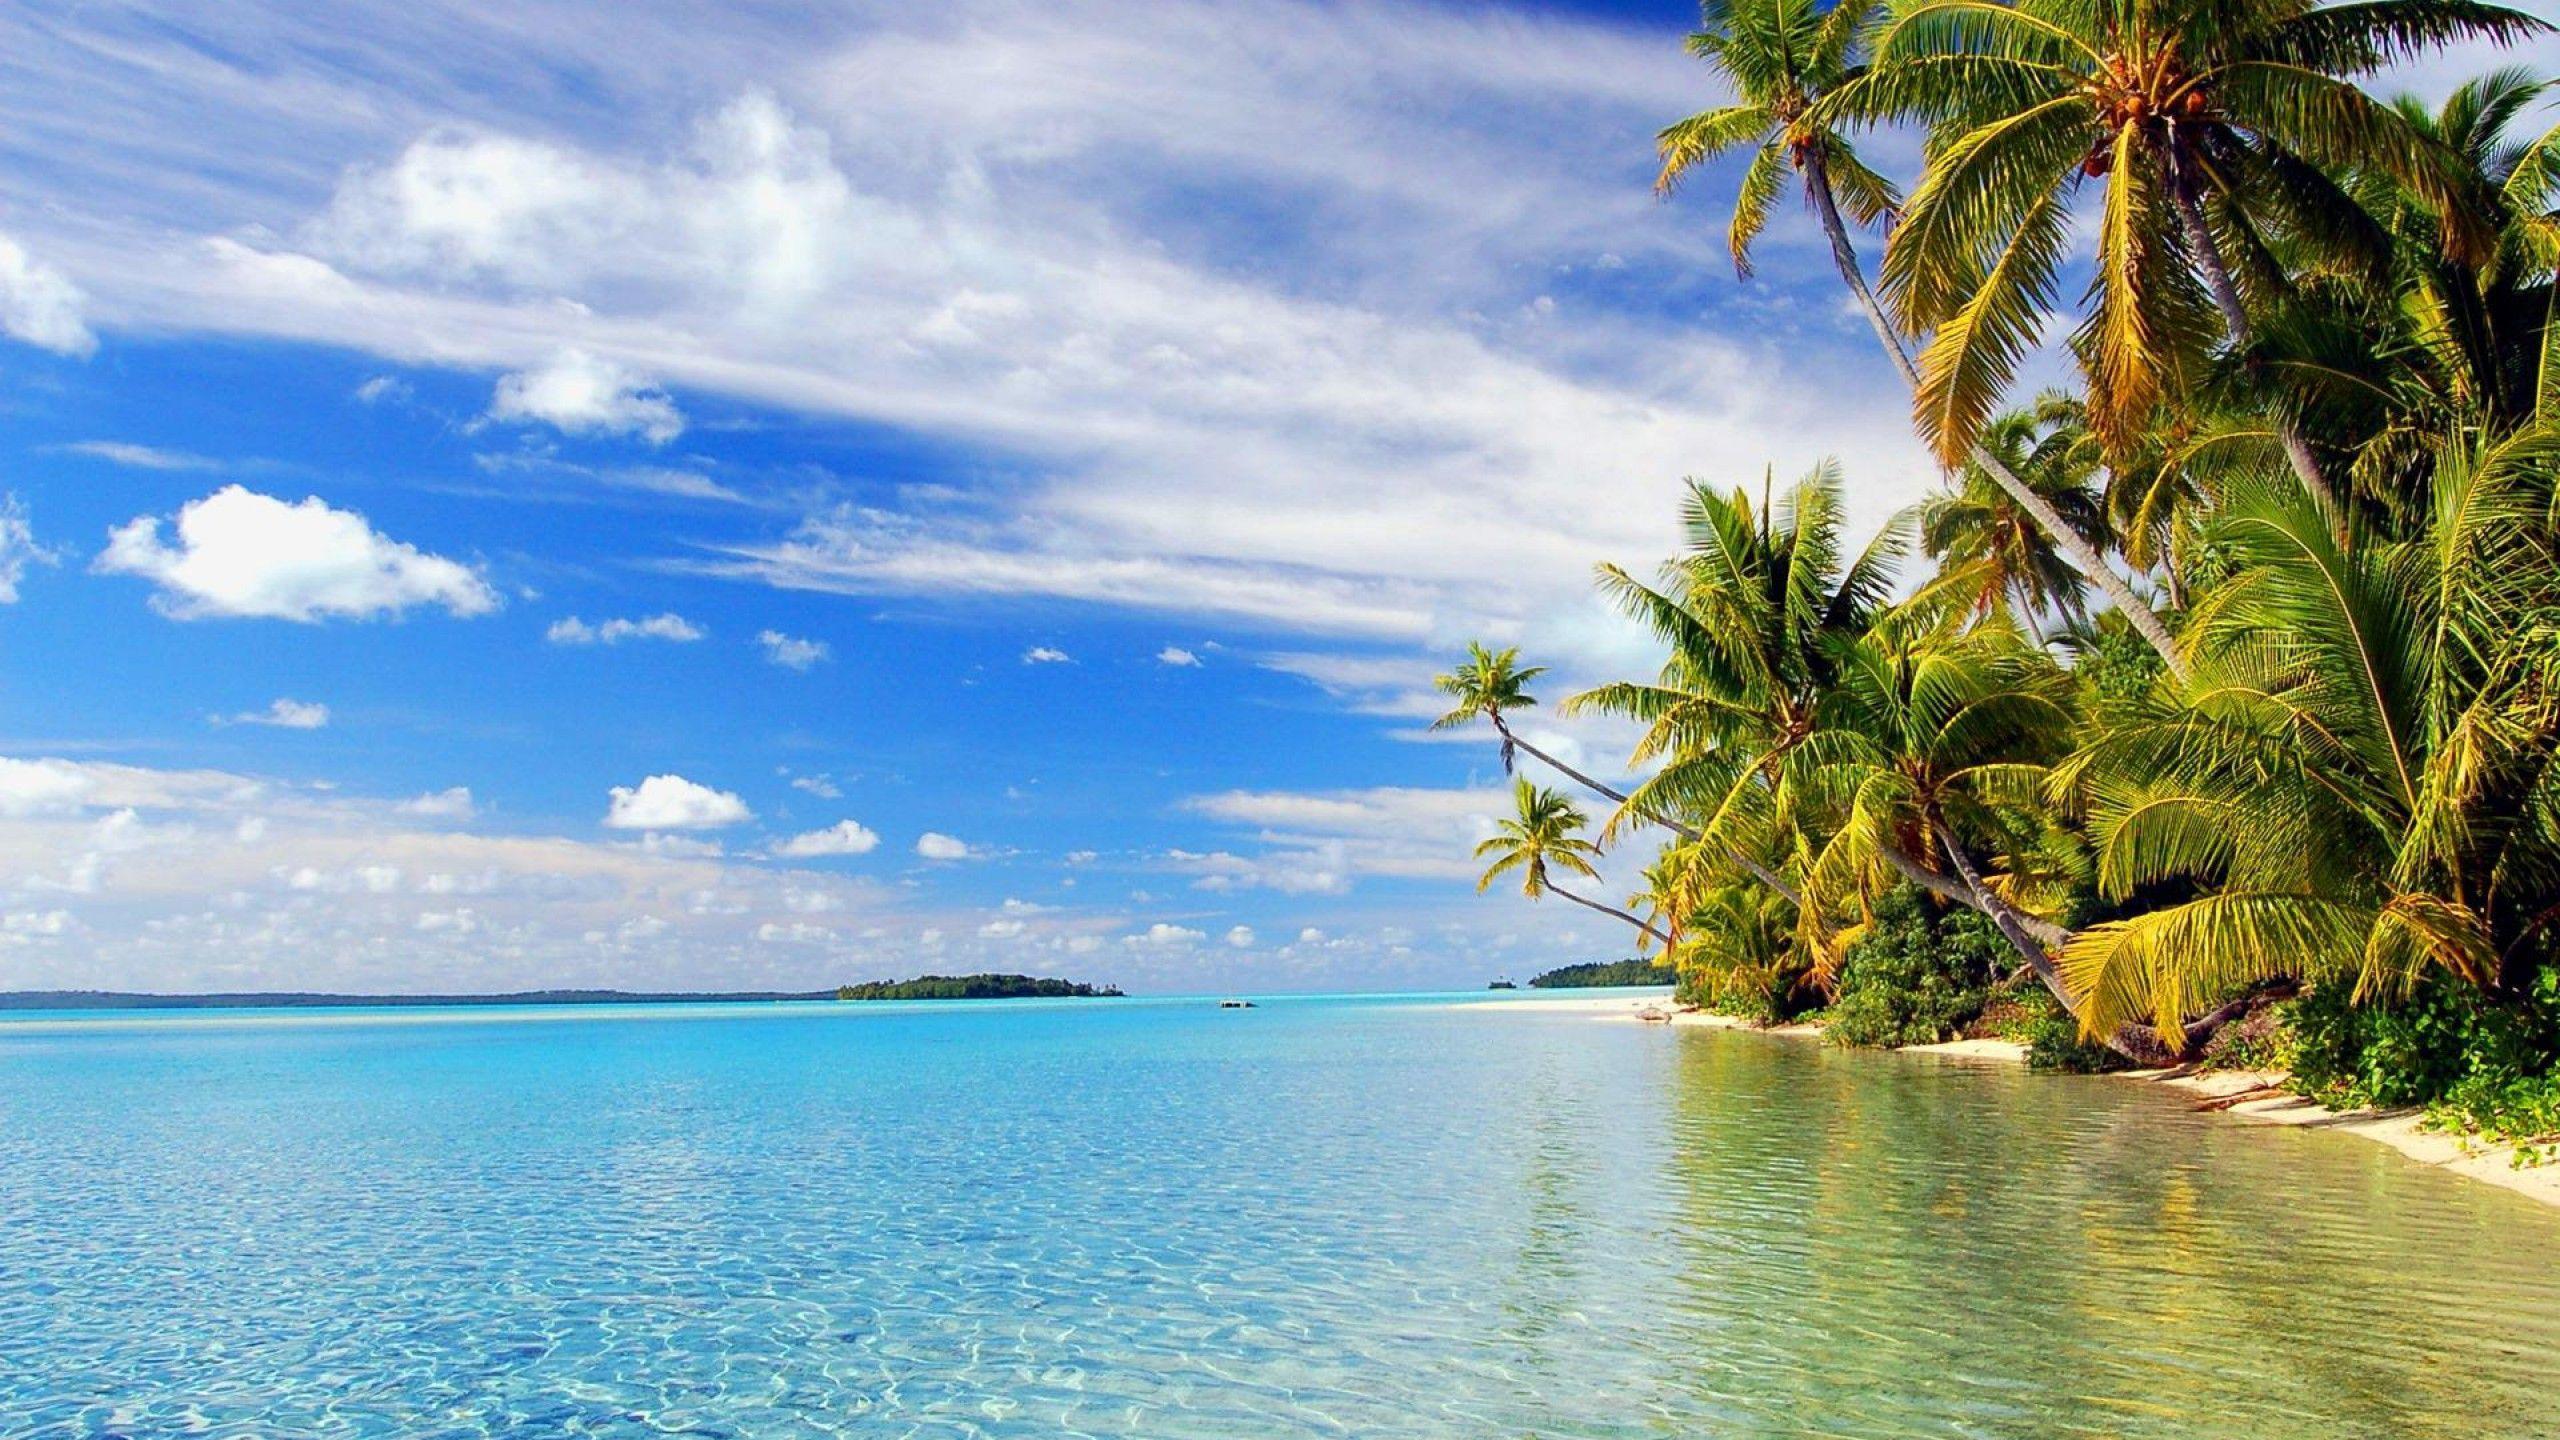 Hình nền máy tính để bàn 2560x1440 Tropical Beach